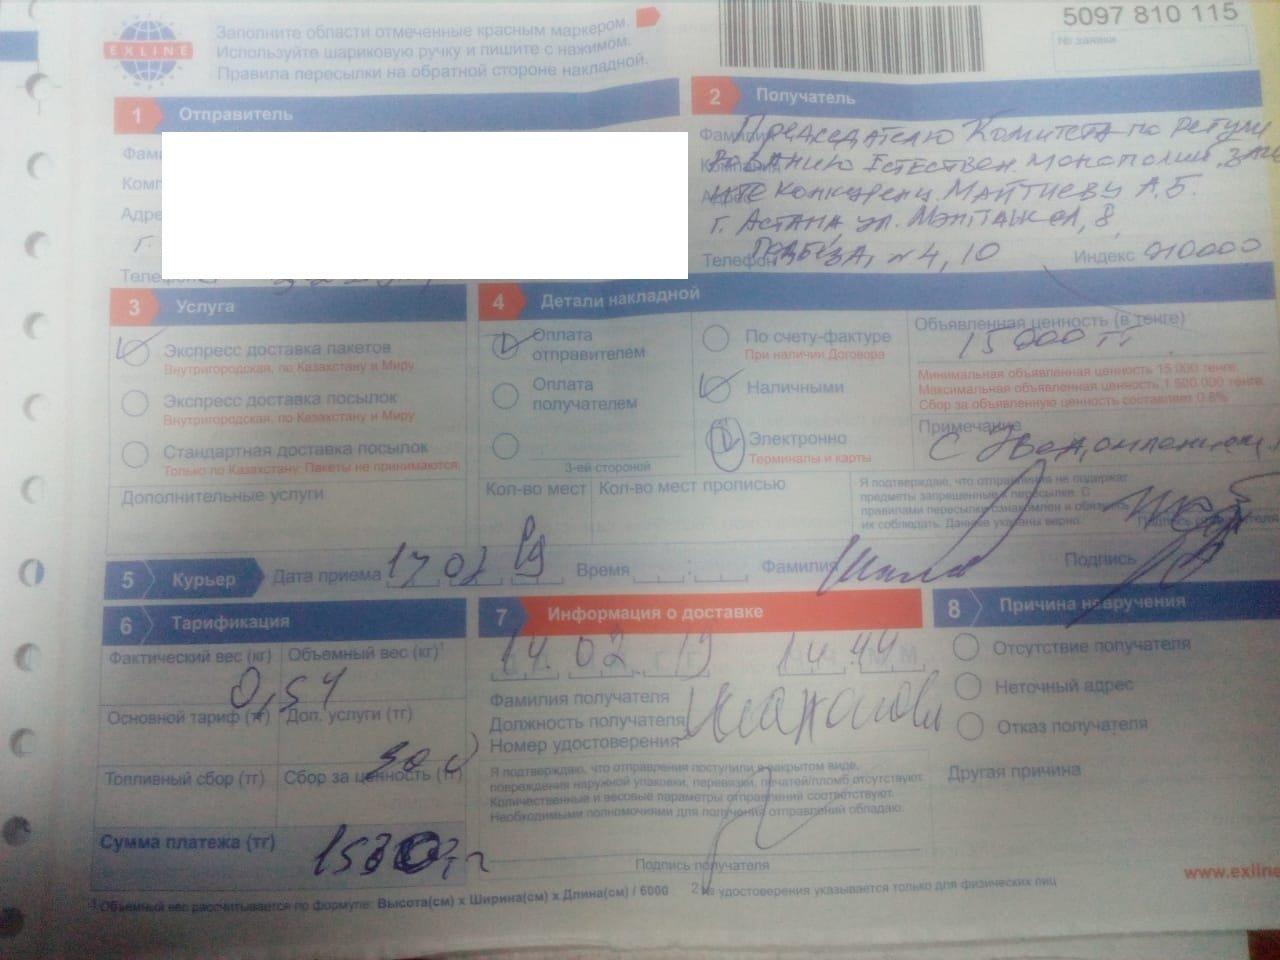 Из Актау в Астану и обратно: судьба писем с подписями от жителей Актау против новых тарифов, фото-4